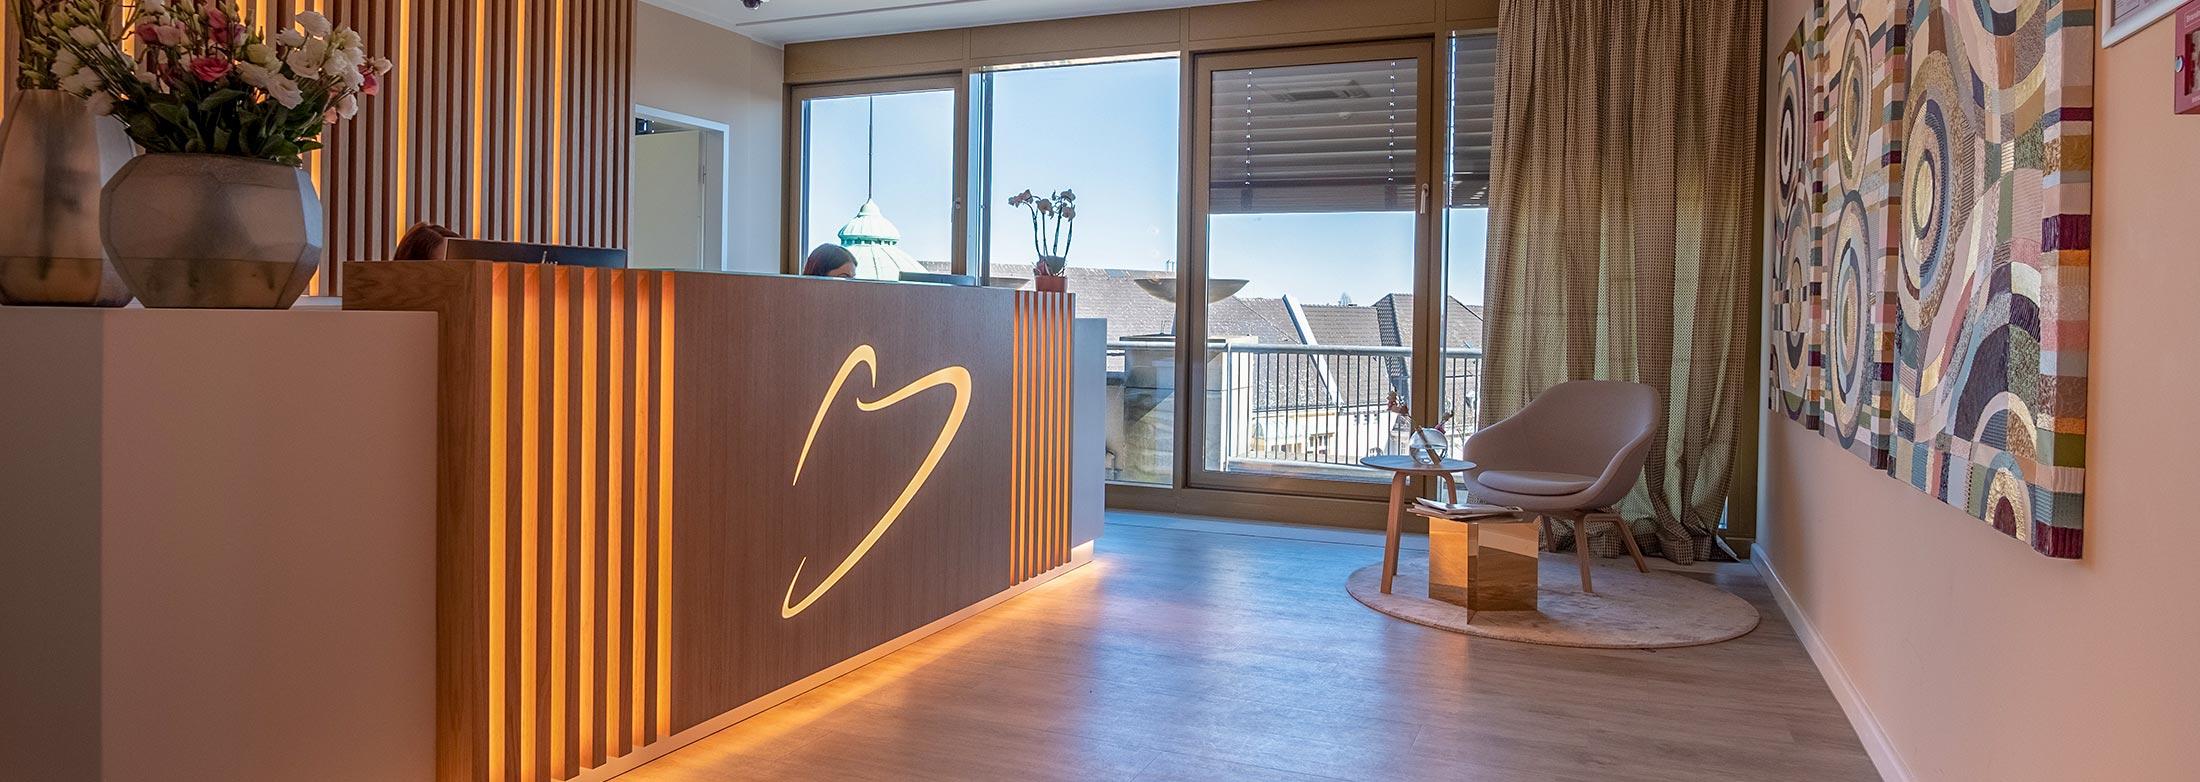 zahnarzt implantologe in berlin steglitz zahn rzte im. Black Bedroom Furniture Sets. Home Design Ideas